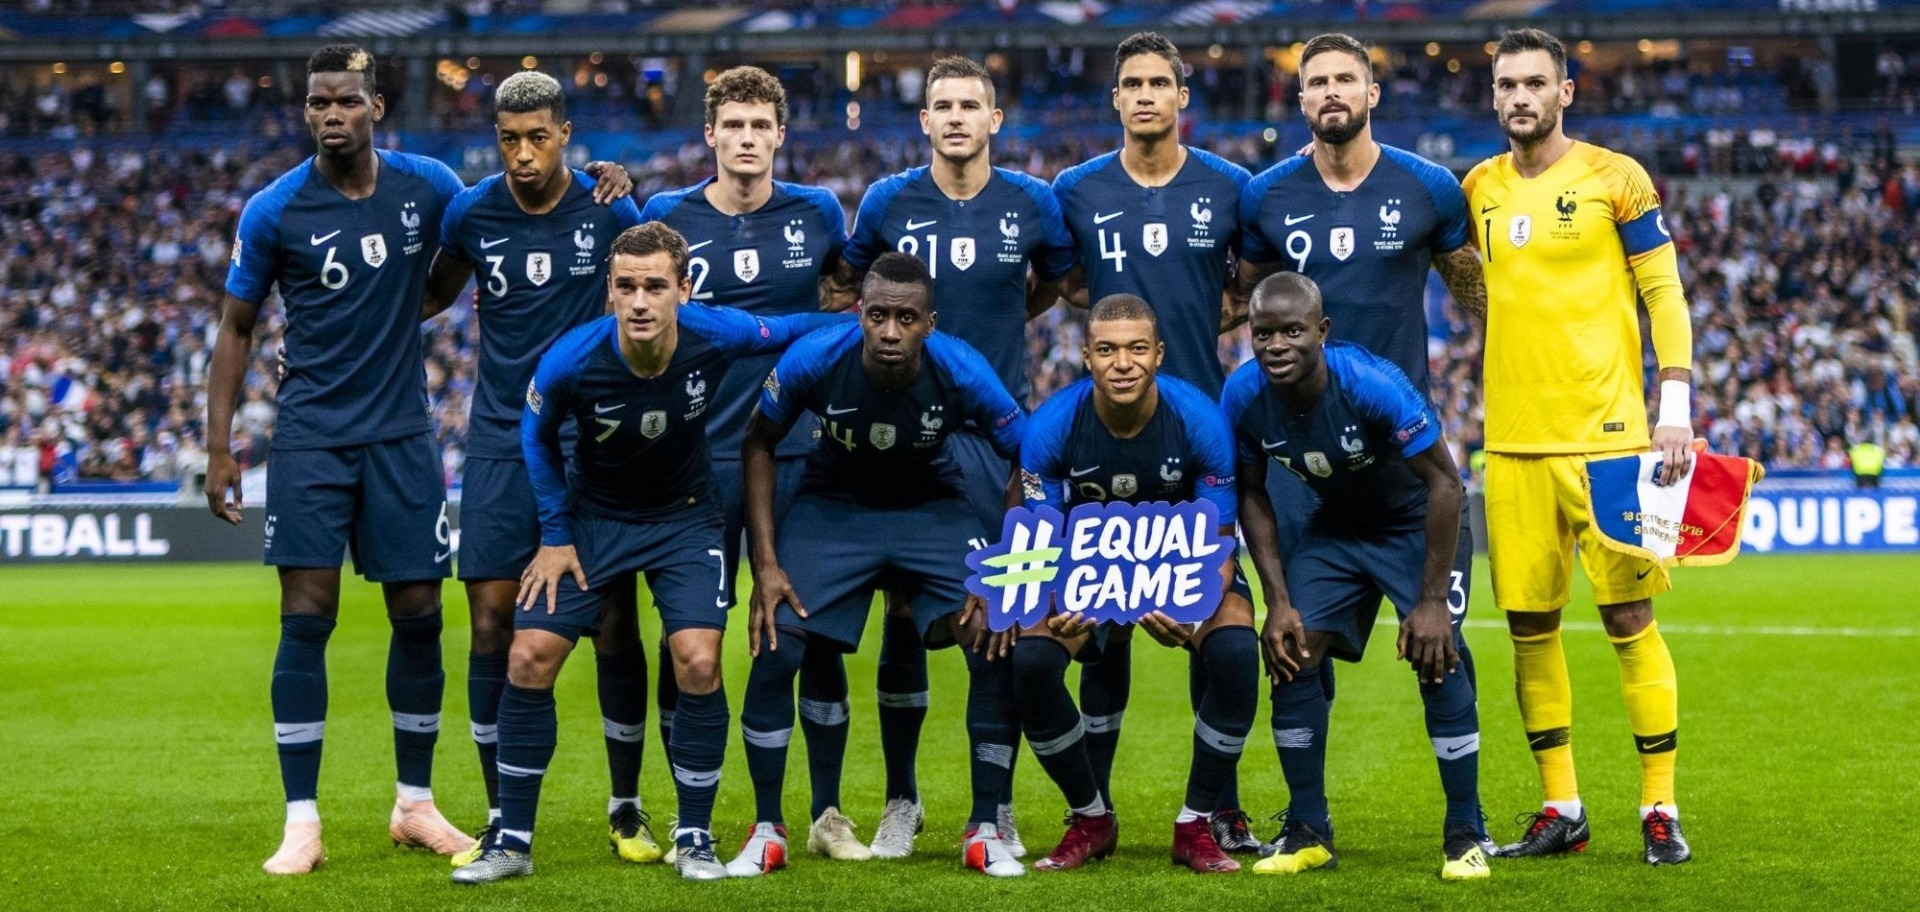 Billet France Barragiste EURO 2020 avec voyage à Budapest